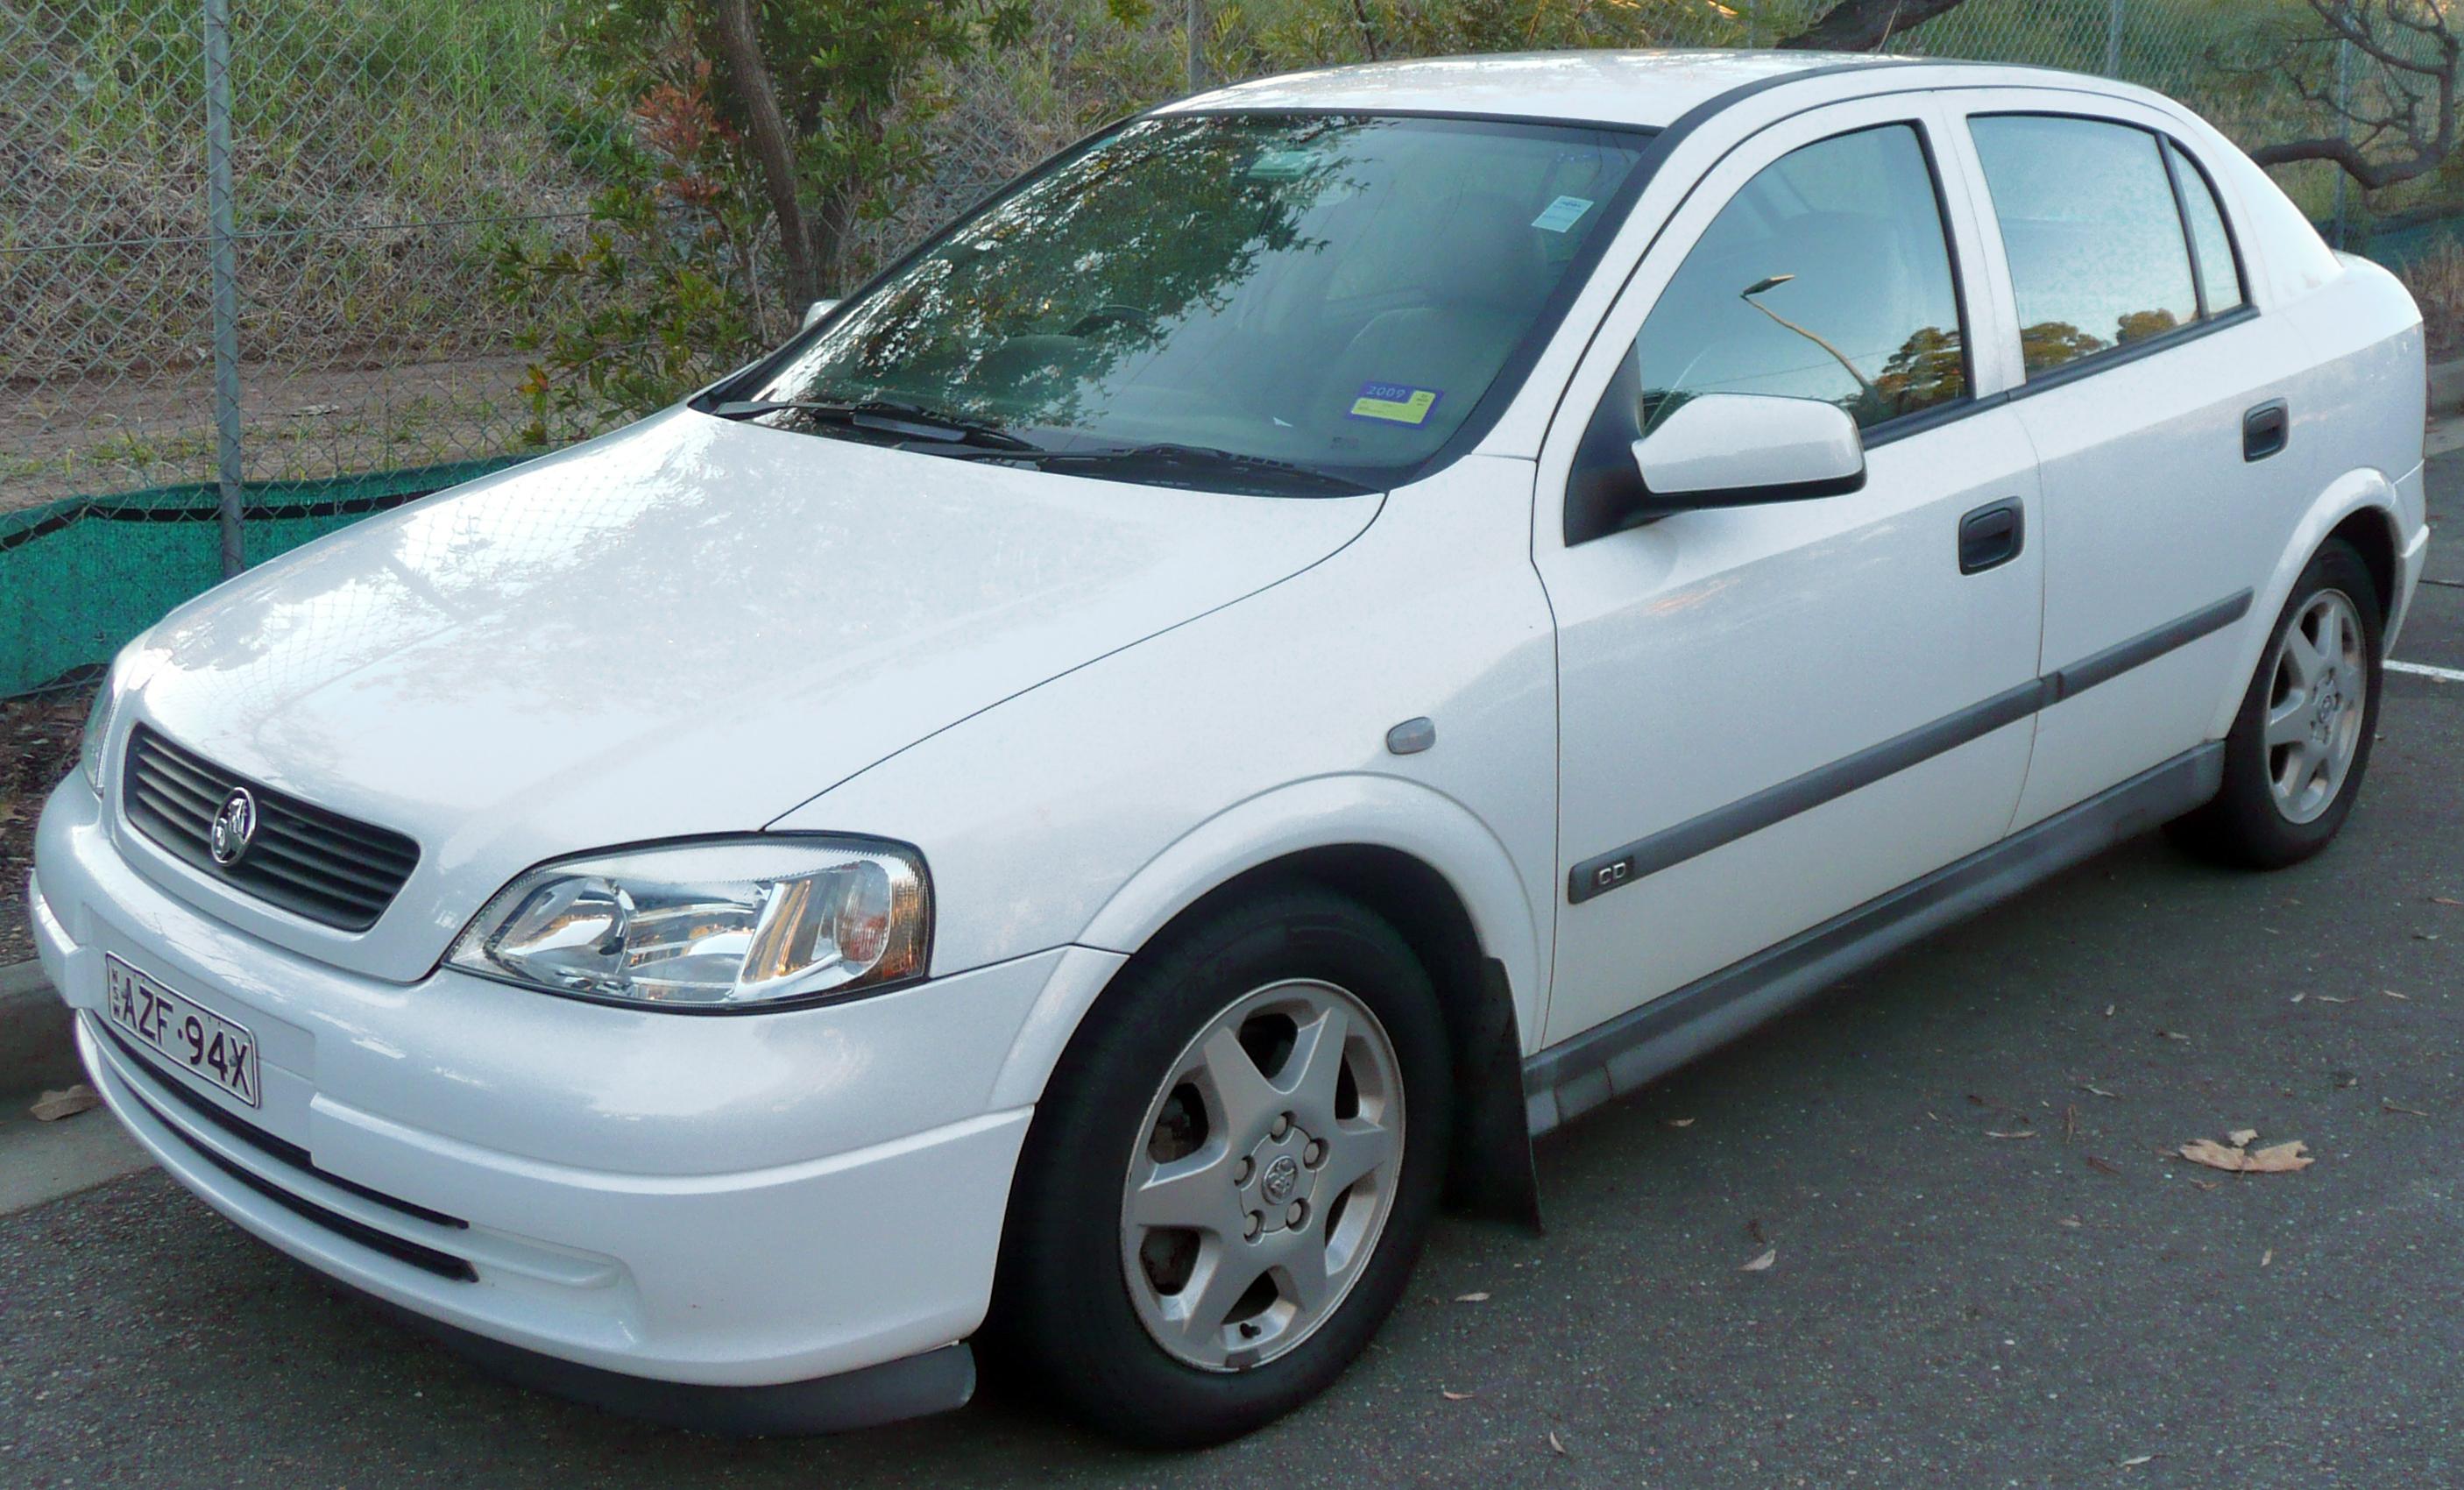 File:1999-2001 Holden Astra (TS) CD 5-door hatchback (2009-06-06) 02